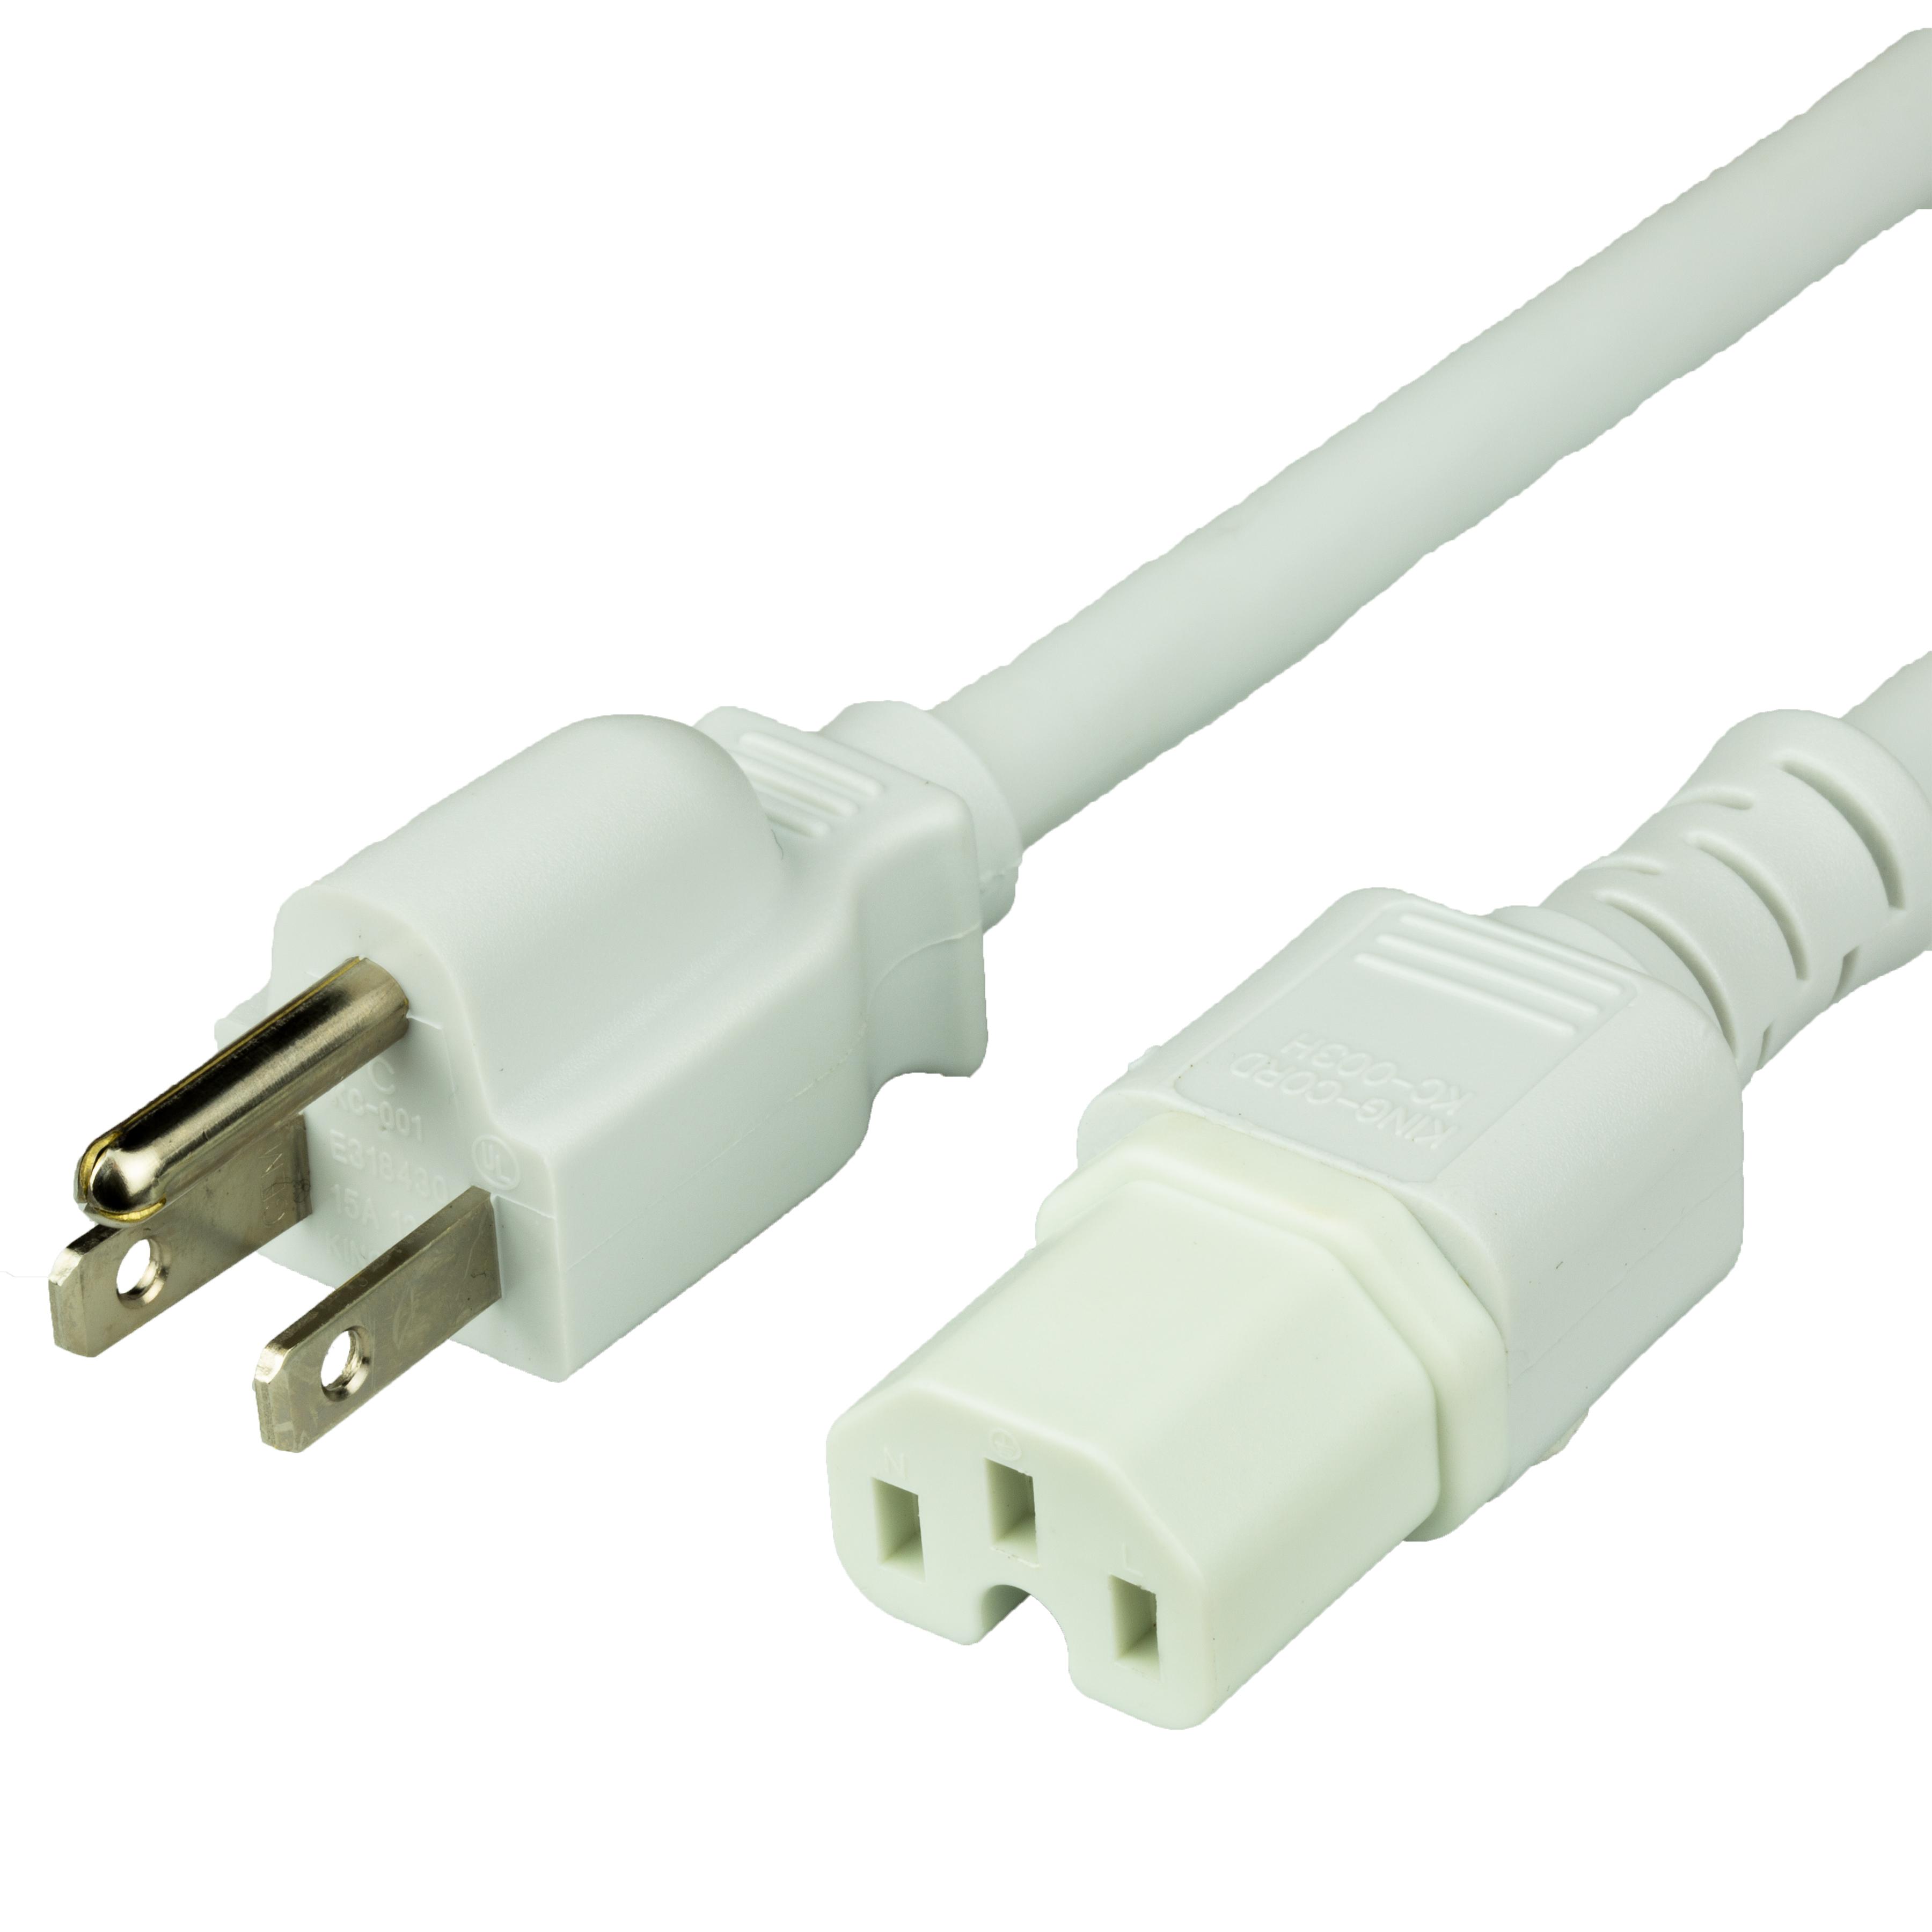 6FT NEMA 5-15P to IEC60320 C15 15A 125V 14awg SJT Power Cord - WHITE